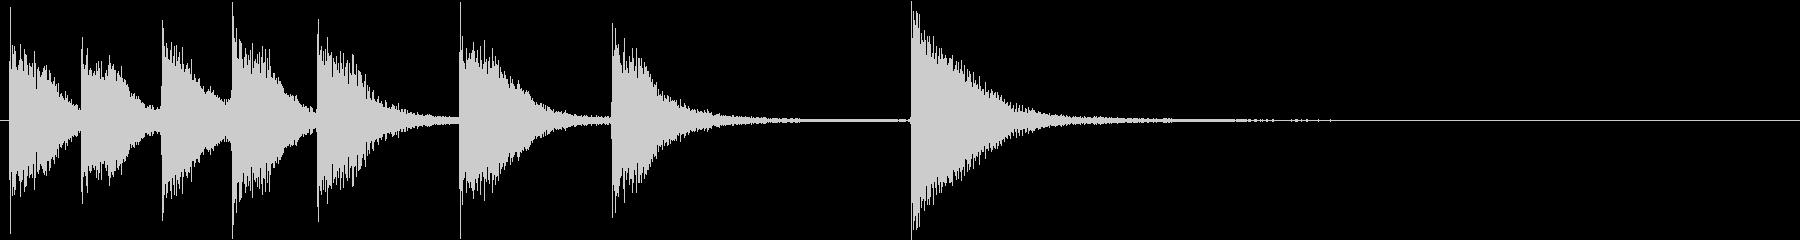 ピアノジングル 幼児向けアニメ系G-02の未再生の波形